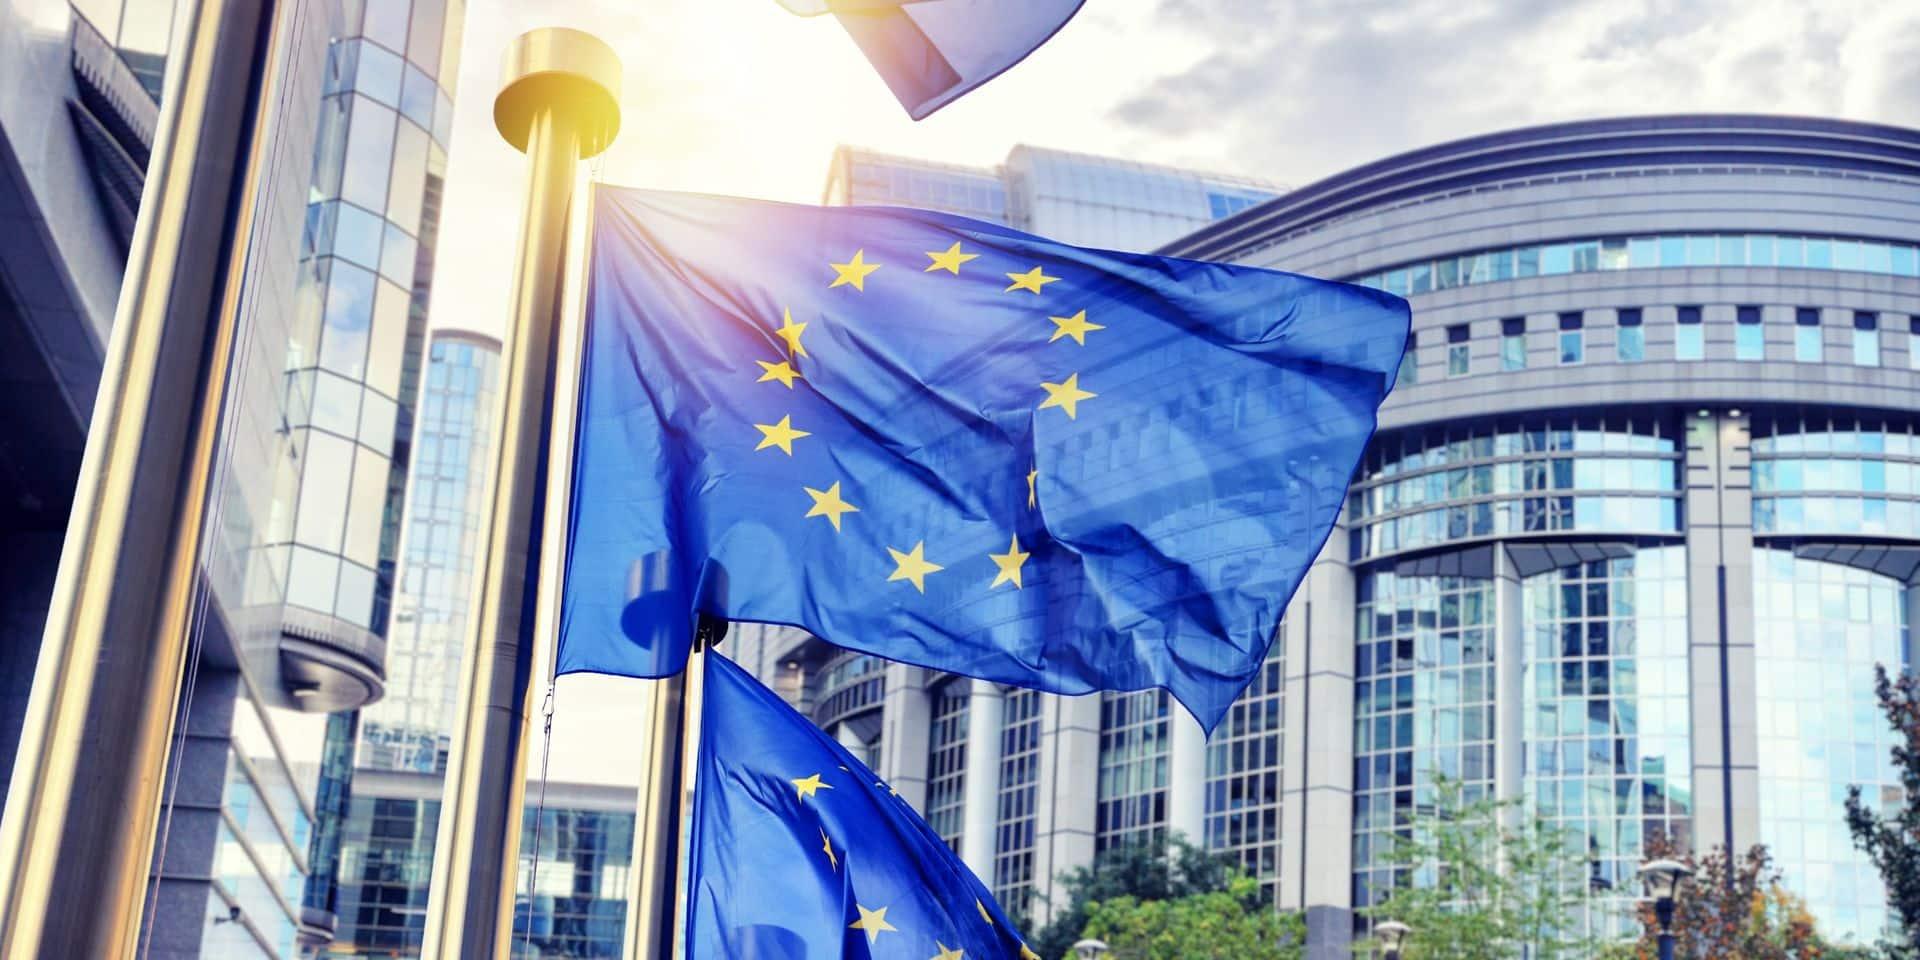 Le Conseil de l'UE accorde un prêt de 7,8 milliards à la Belgique pour faire face à la crise du coronavirus